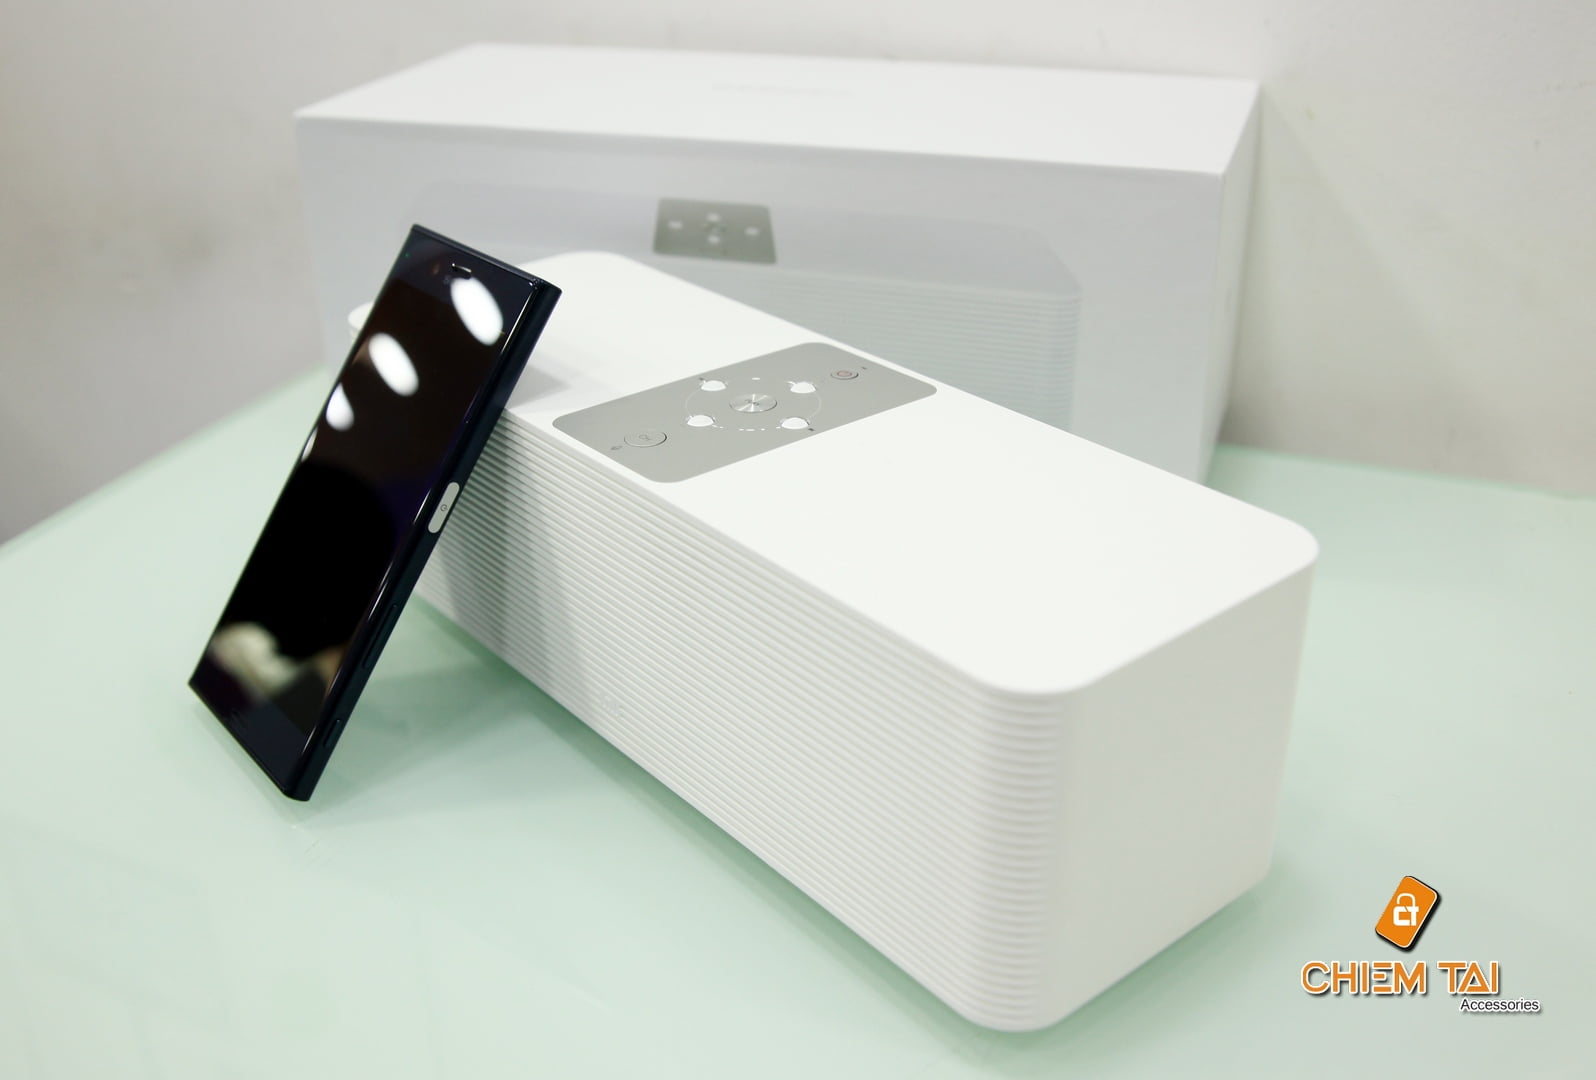 loa thong minh xiaomi wifi speaker 605da56a14f63